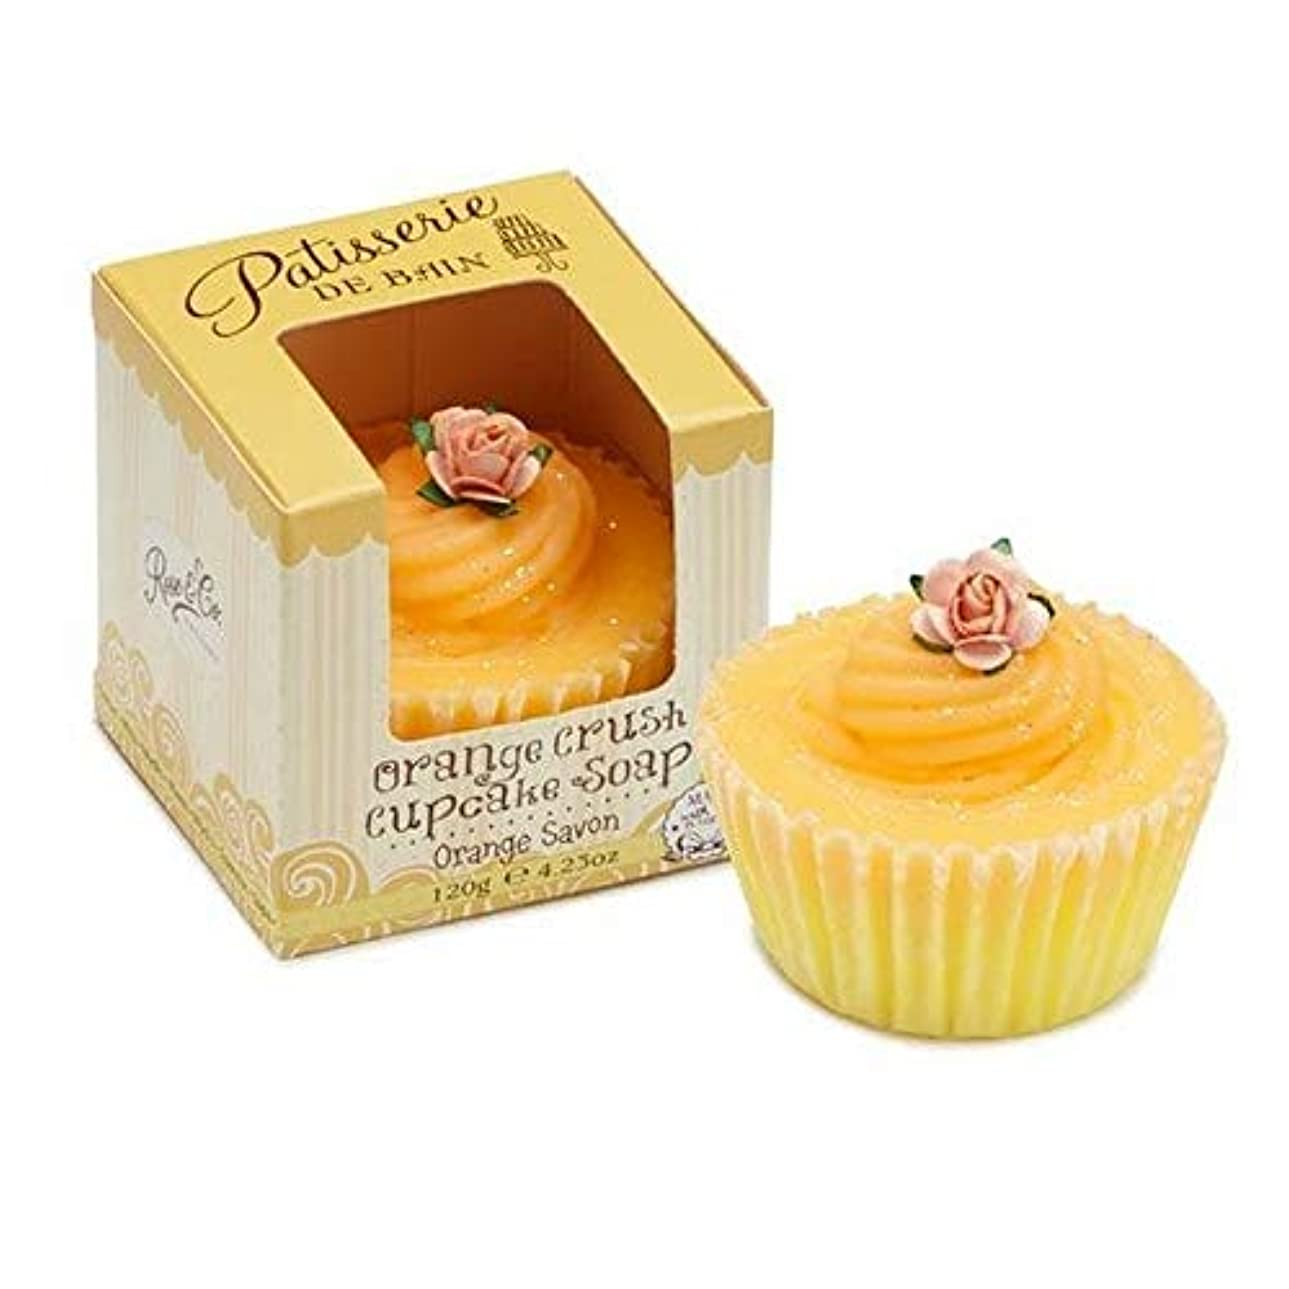 グラス安全な目覚める[Patisserie de Bain ] パティスリー?ド?ベインオレンジクラッシュカップケーキソープ120グラム - Patisserie de Bain Orange Crush Cupcake soap 120g...